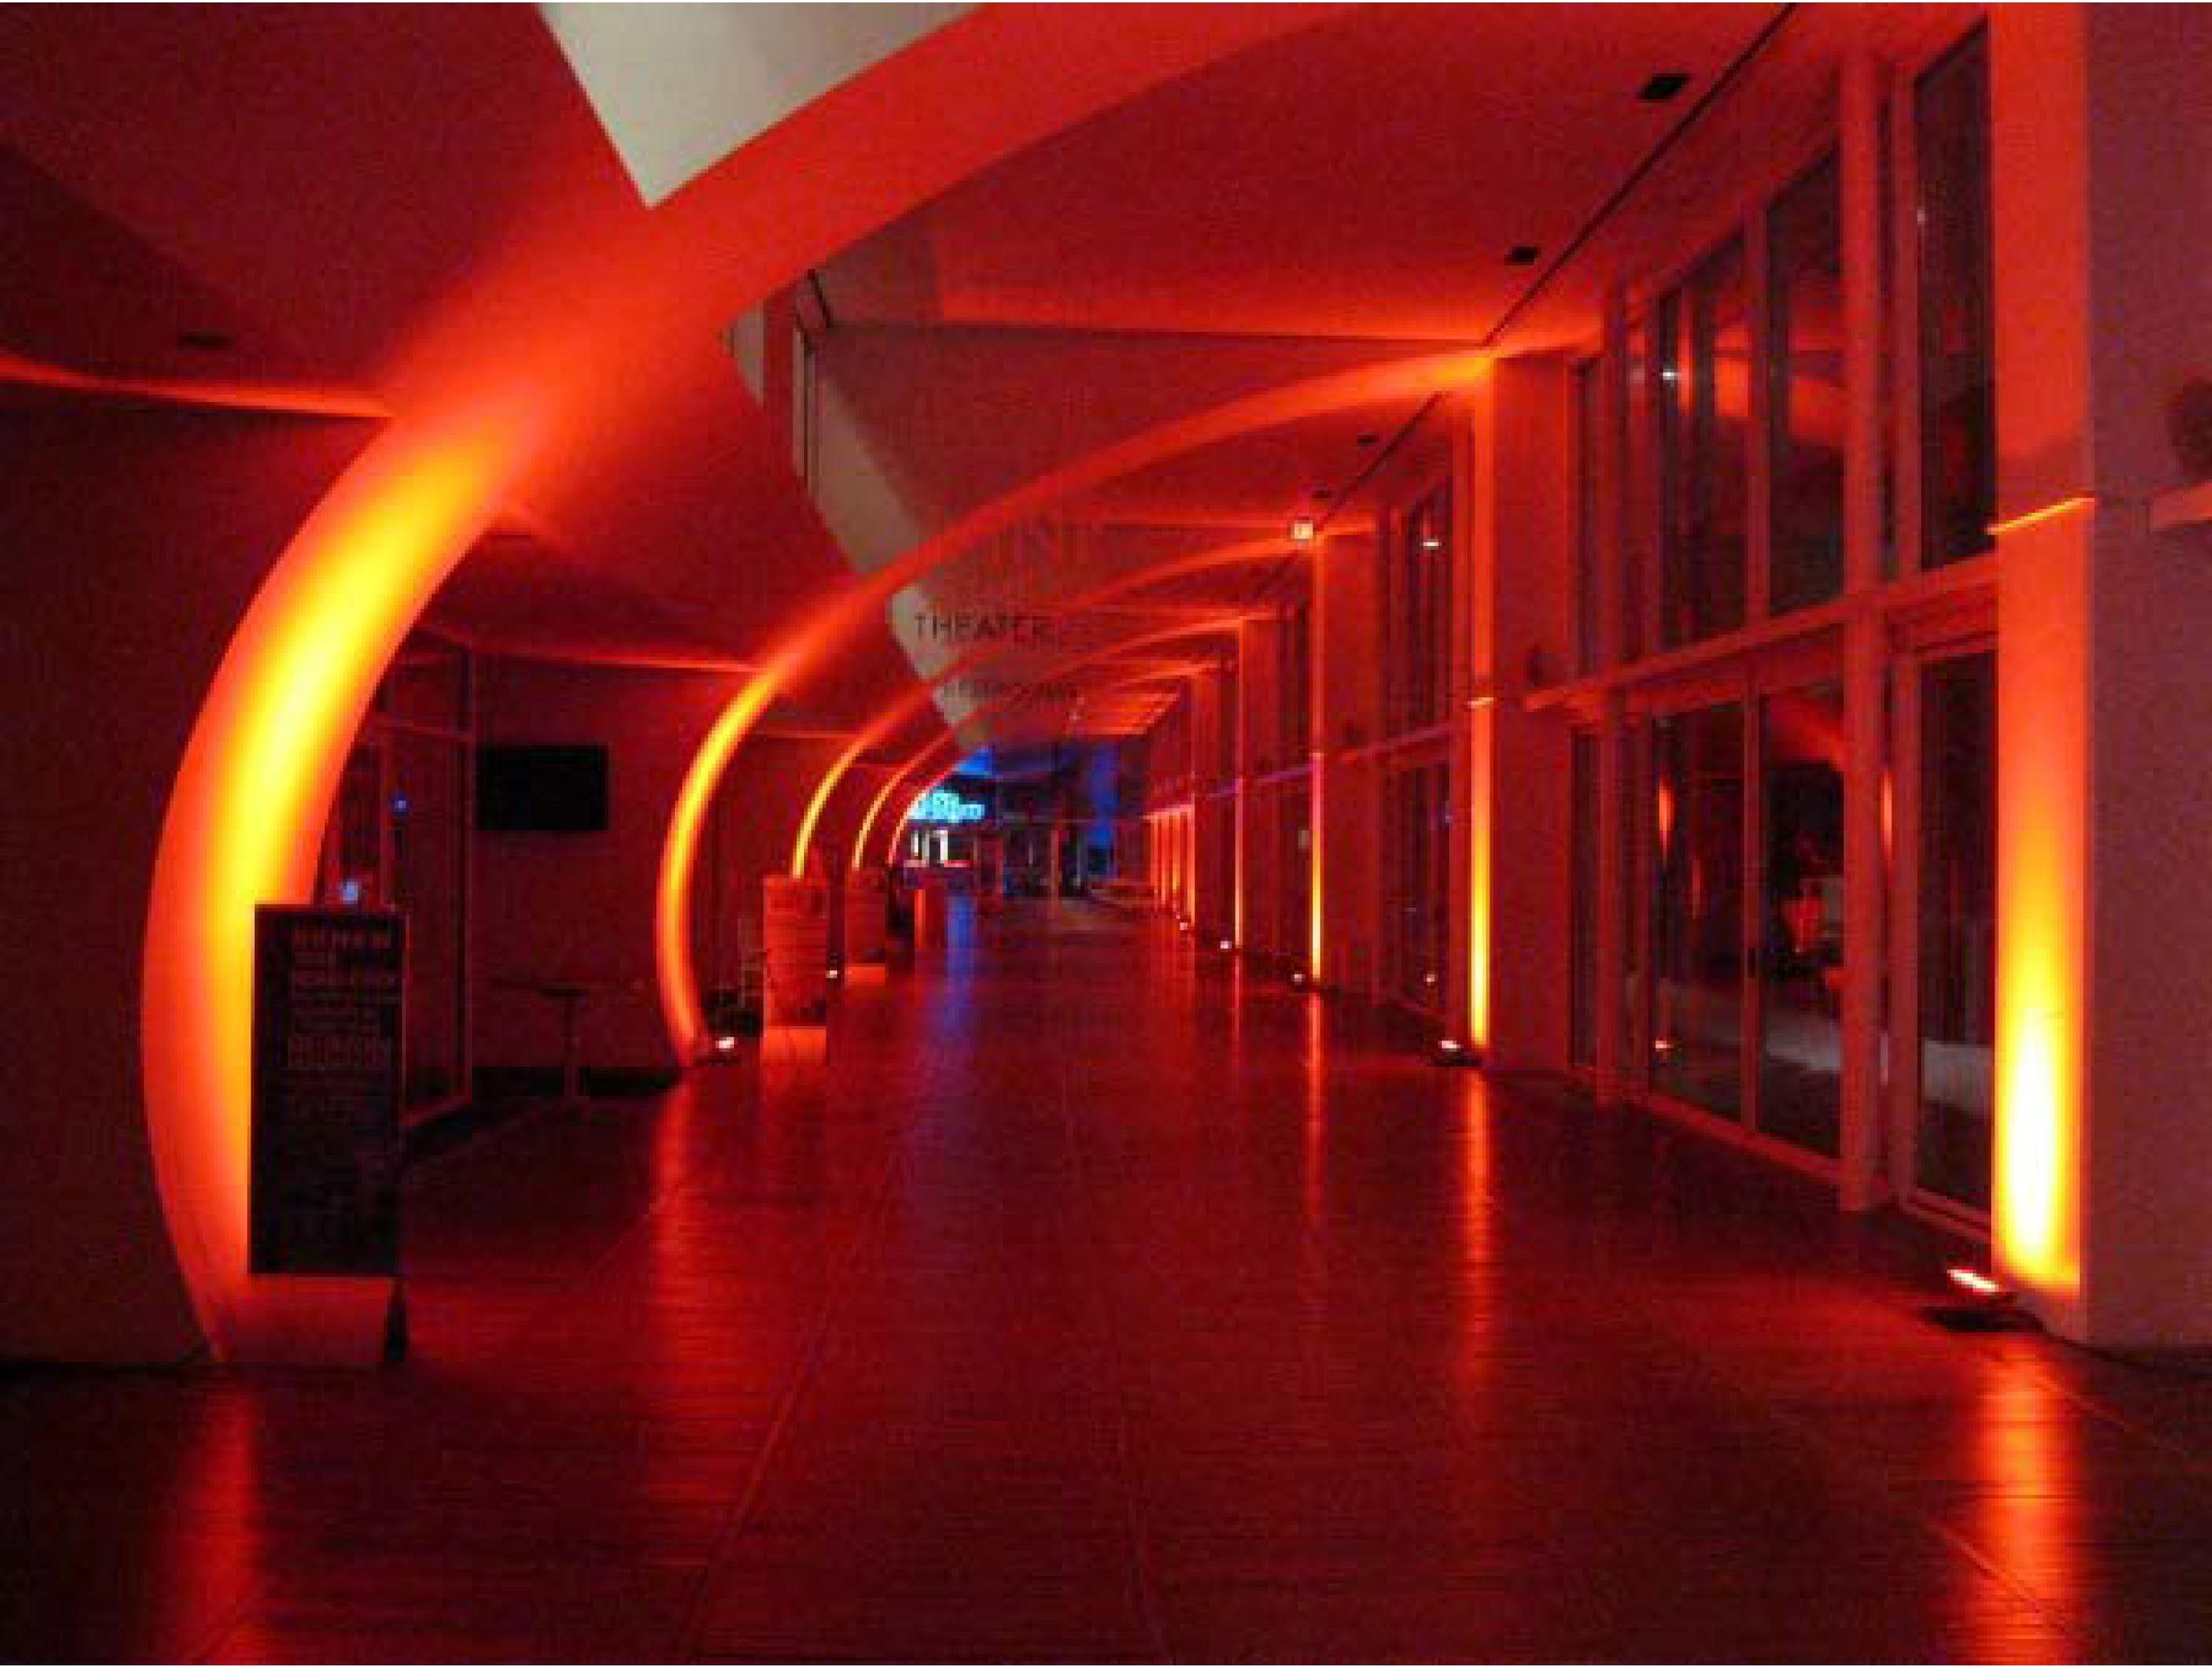 img light retonica reimagined lighting event